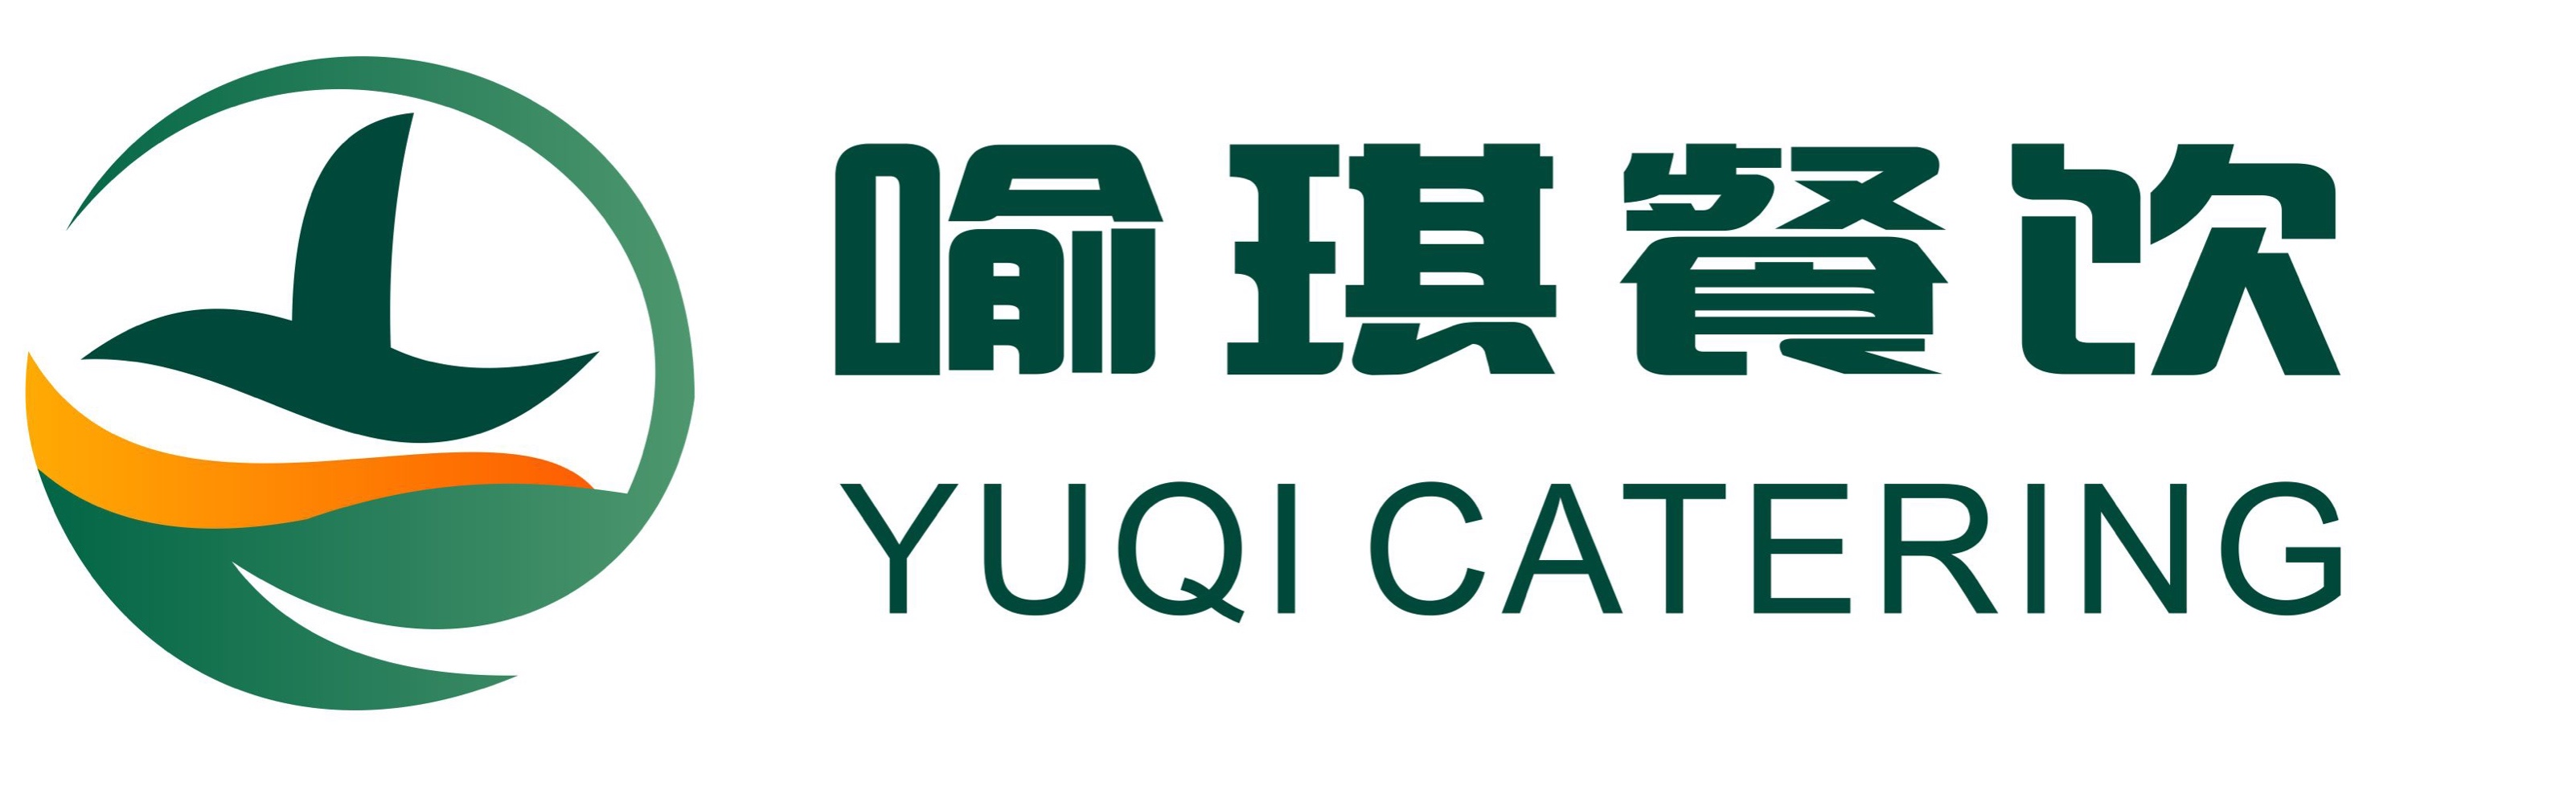 上海喻琪餐饮管理有限公司